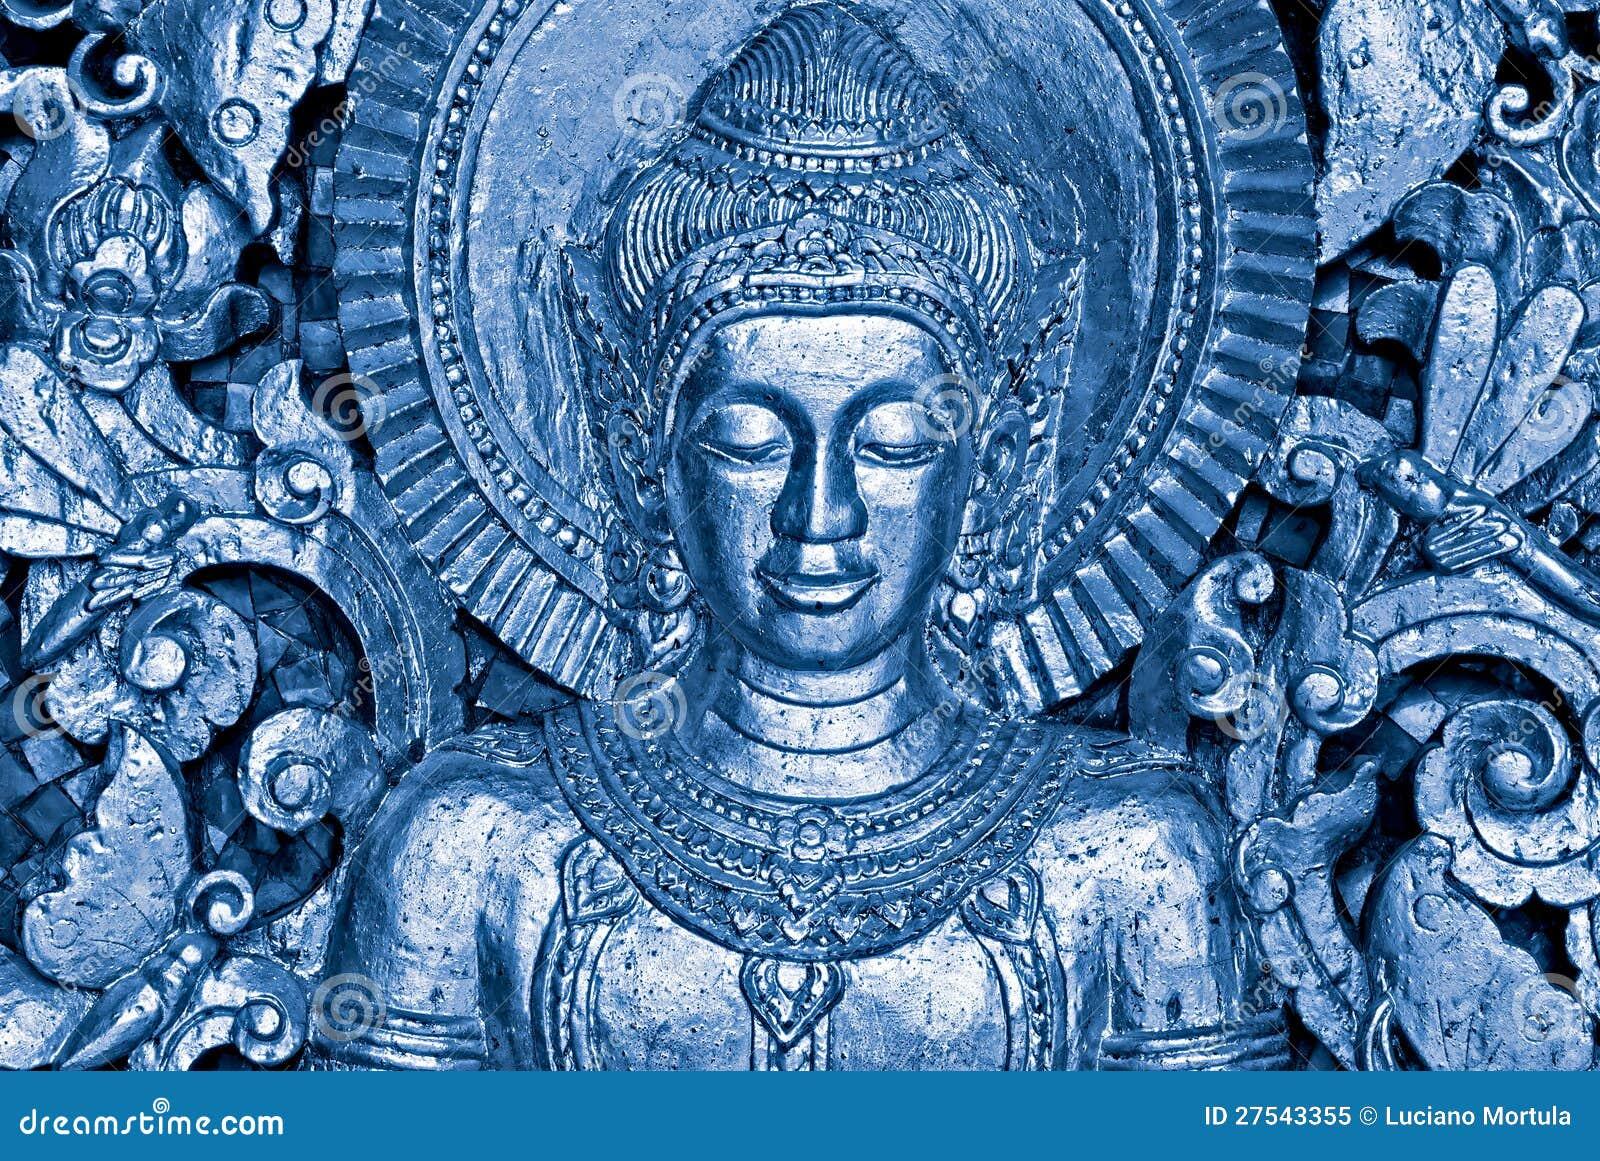 La seconda venuta di Gesù Cristo - Pagina 4 Buddha-blu-27543355